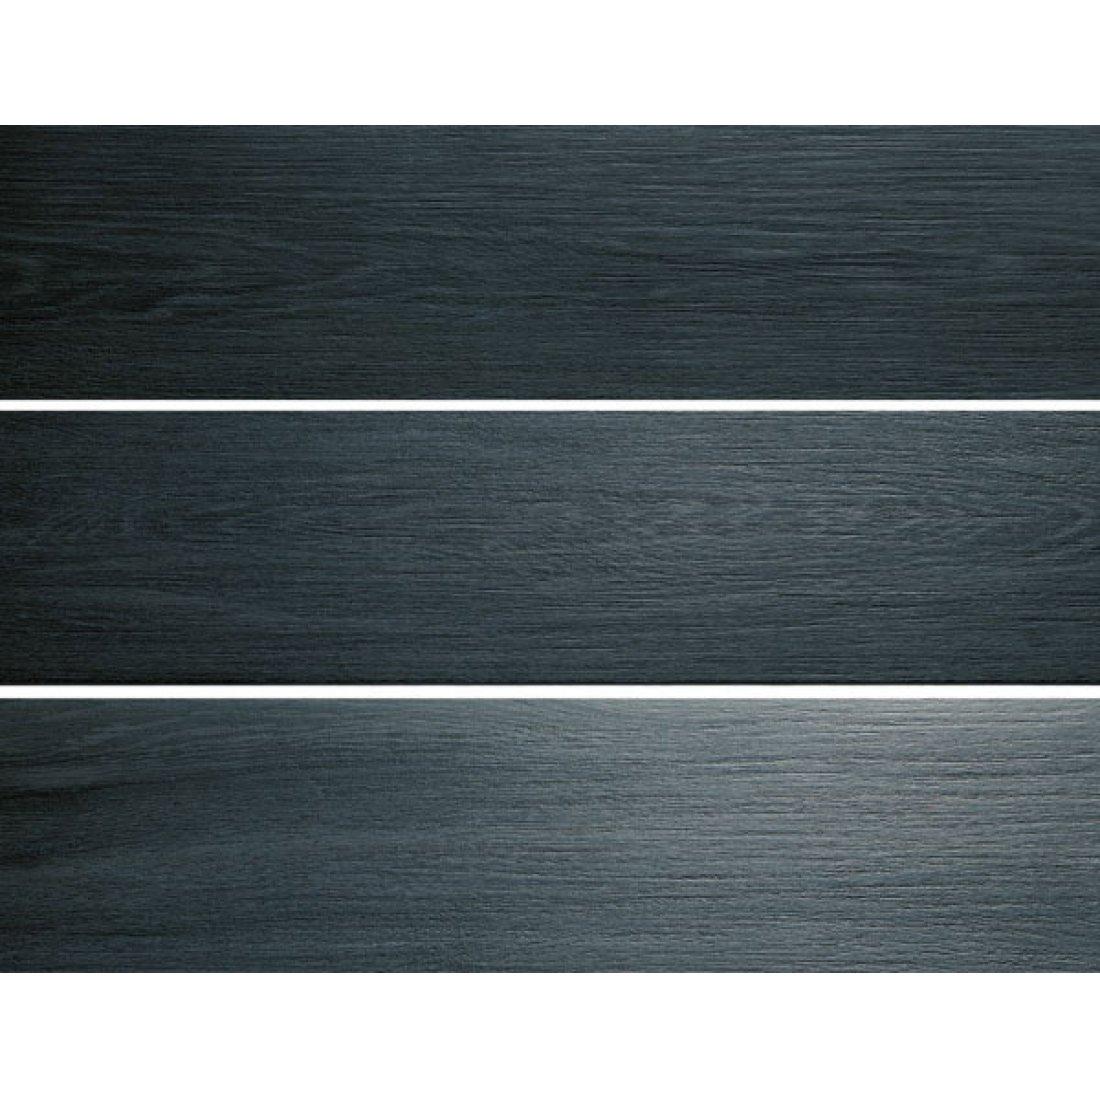 Фрегат черный обрезной 20*80 керамический гранит KERAMA MARAZZI, артикул SG701800R